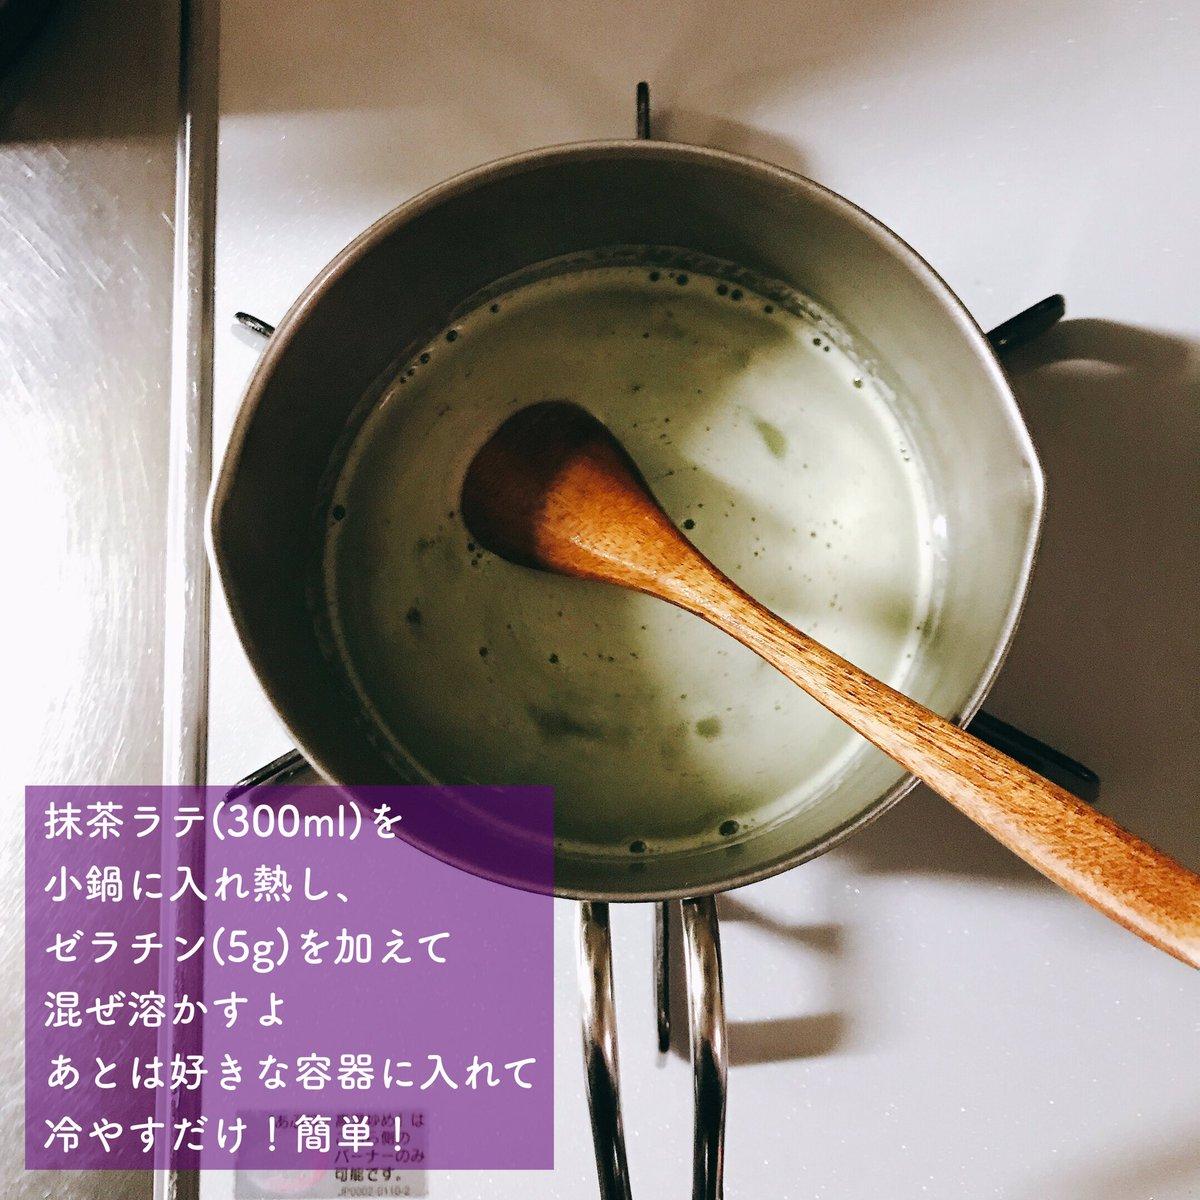 綾鷹カフェの抹茶ラテで作る?「抹茶ラテババロア」の作り方!